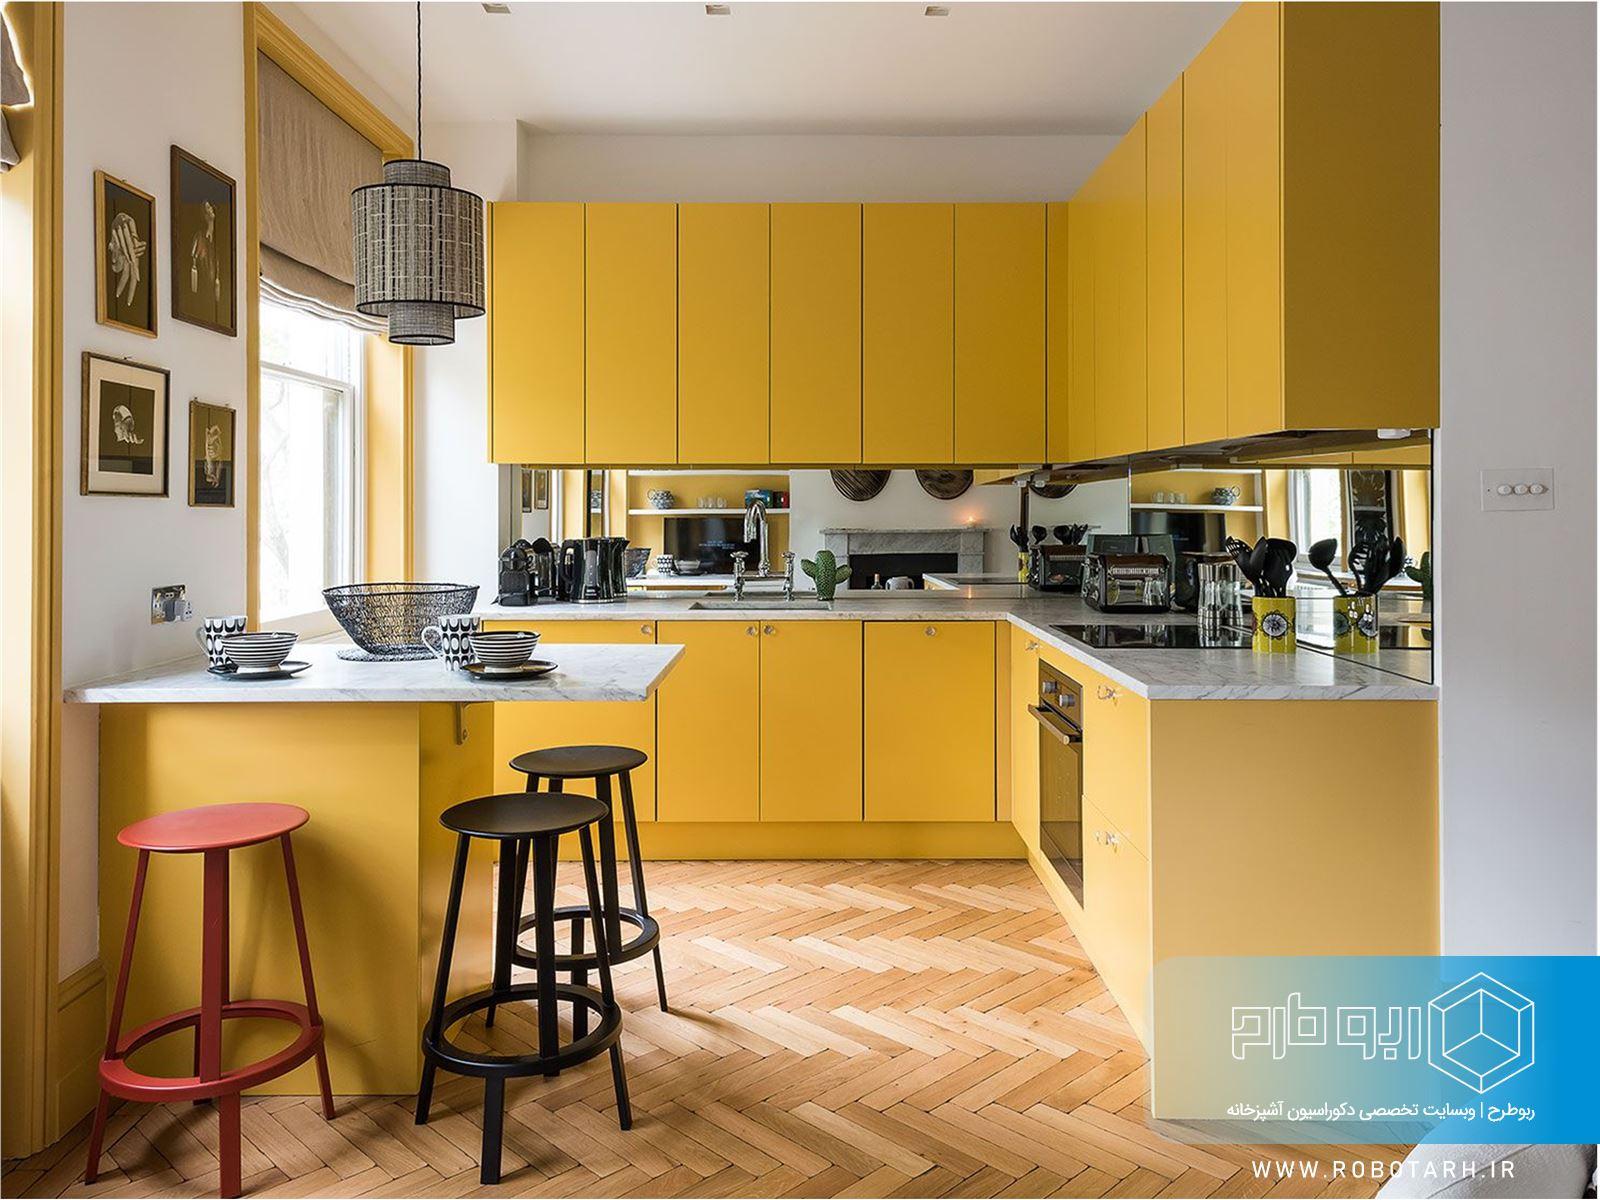 ترکیب کابینت آشپزخانه زرد و رنگ سفید